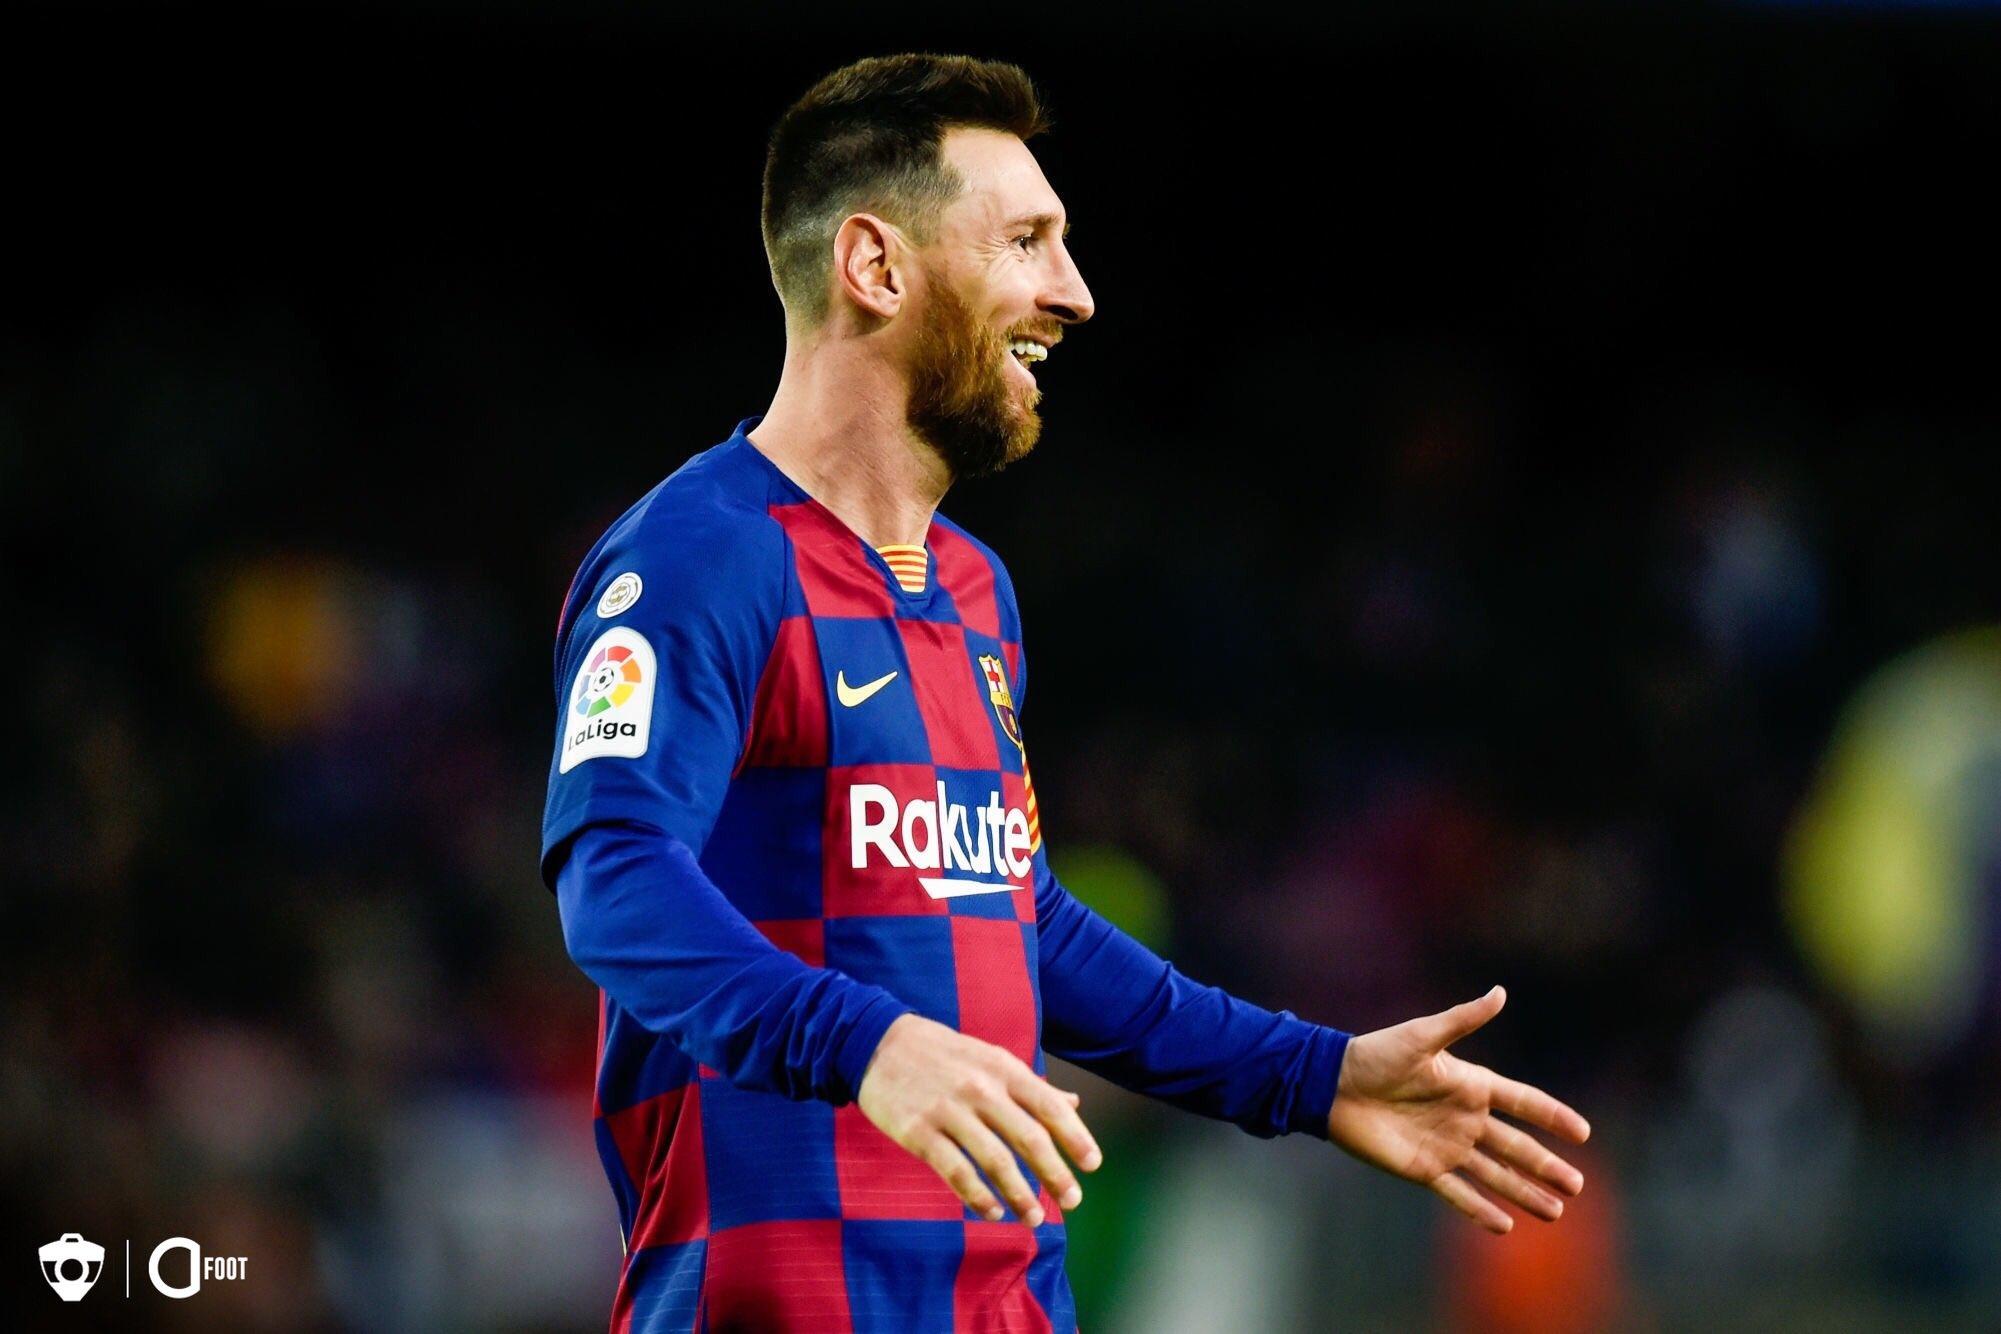 ميسي يقود برشلونة لاستعادة صدارة الليغا بفوز صغير على غرناطة